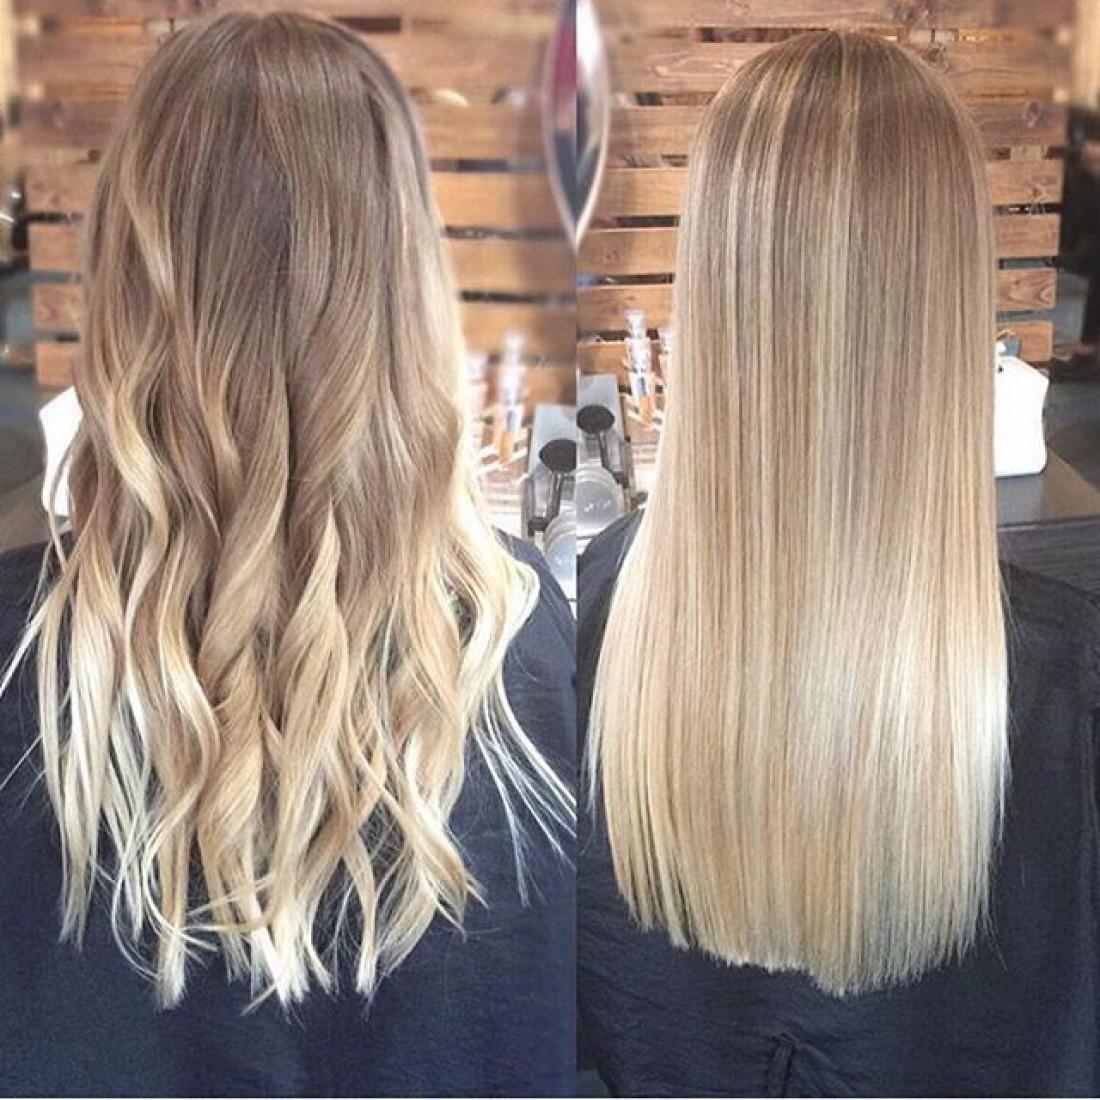 Омбре для блондинок: варианты окрашивания и фото-примеры 35